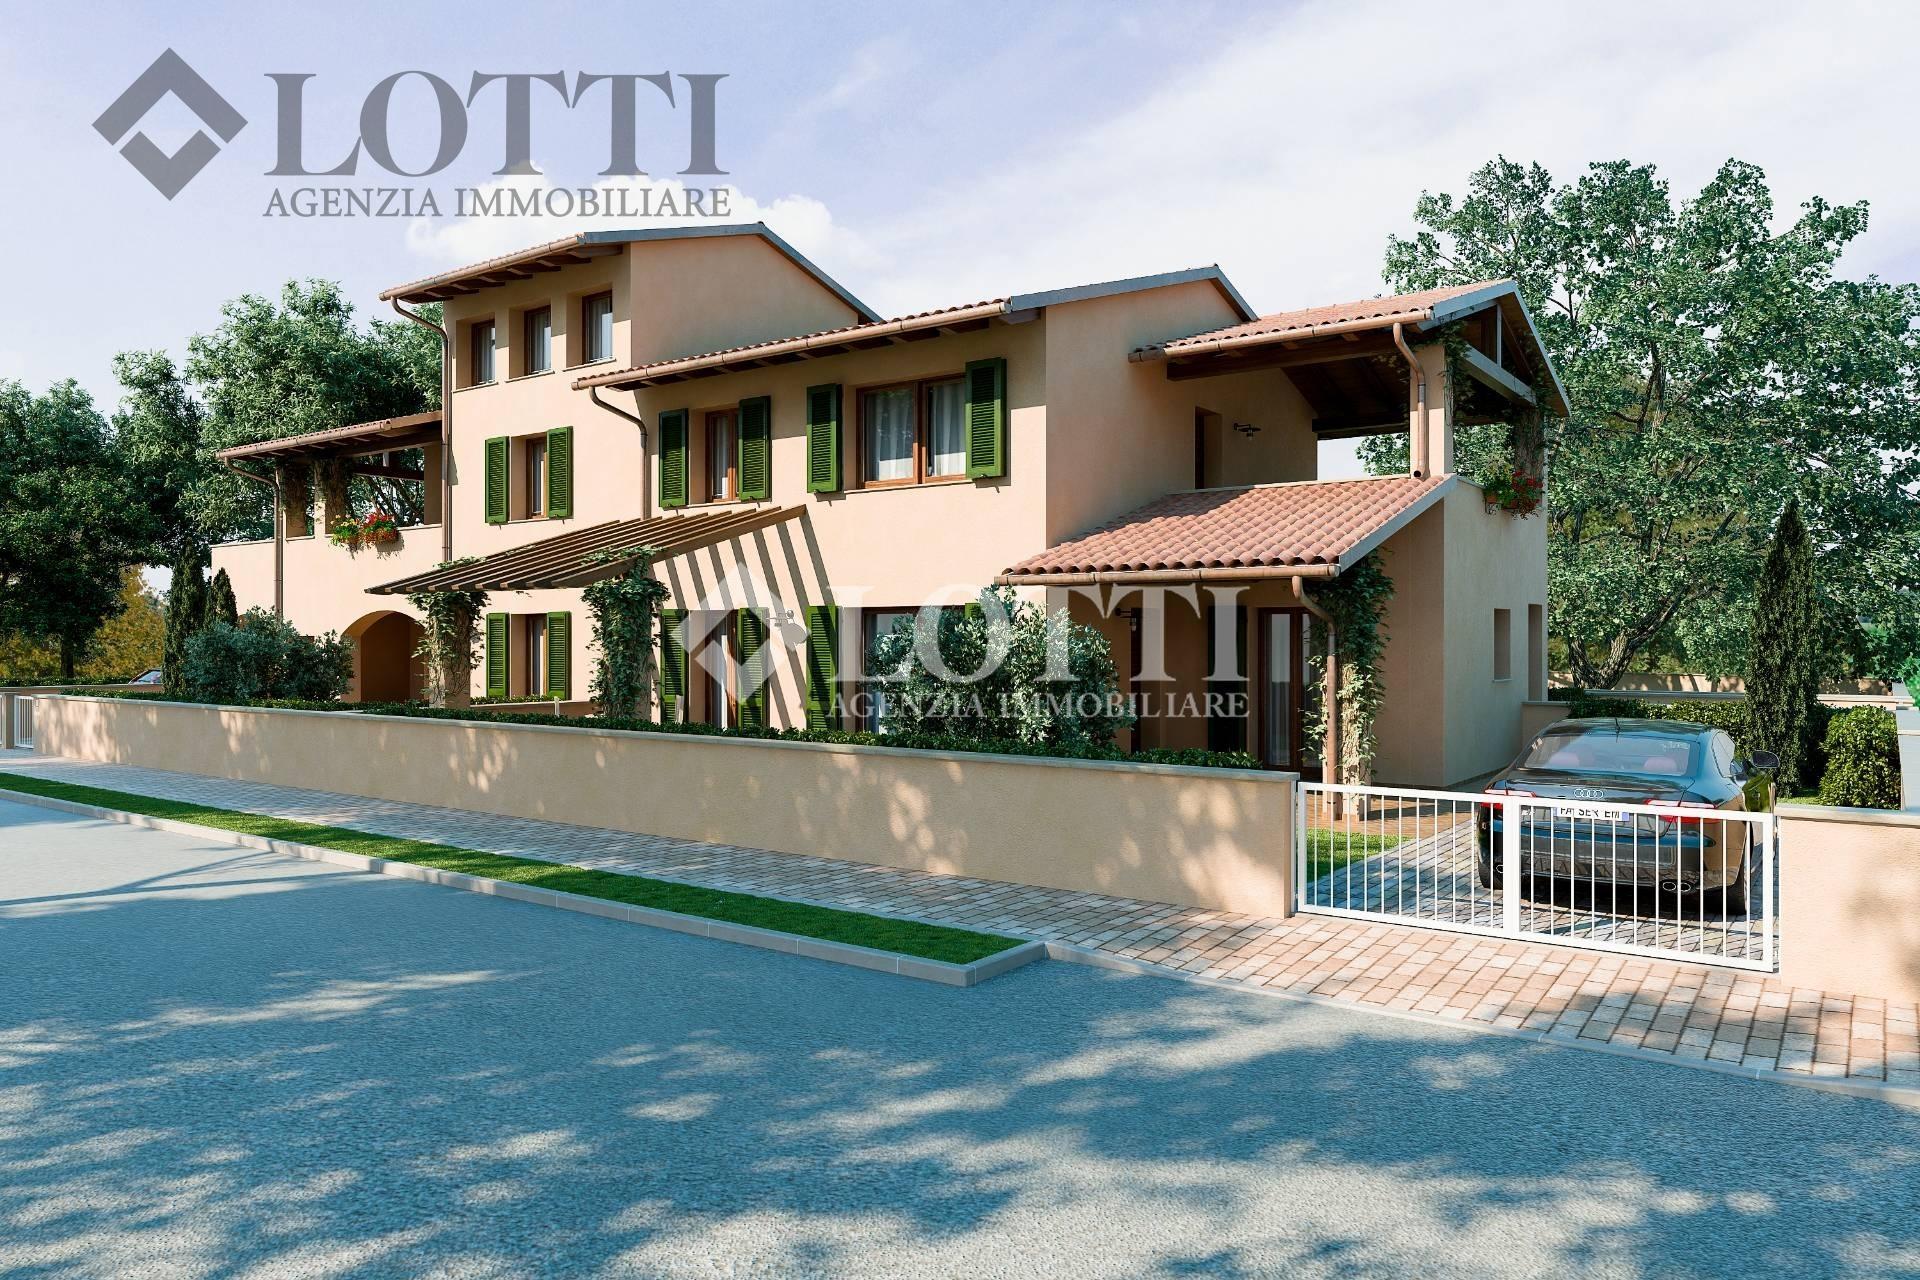 Appartamento in vendita, rif. 288 - A/4